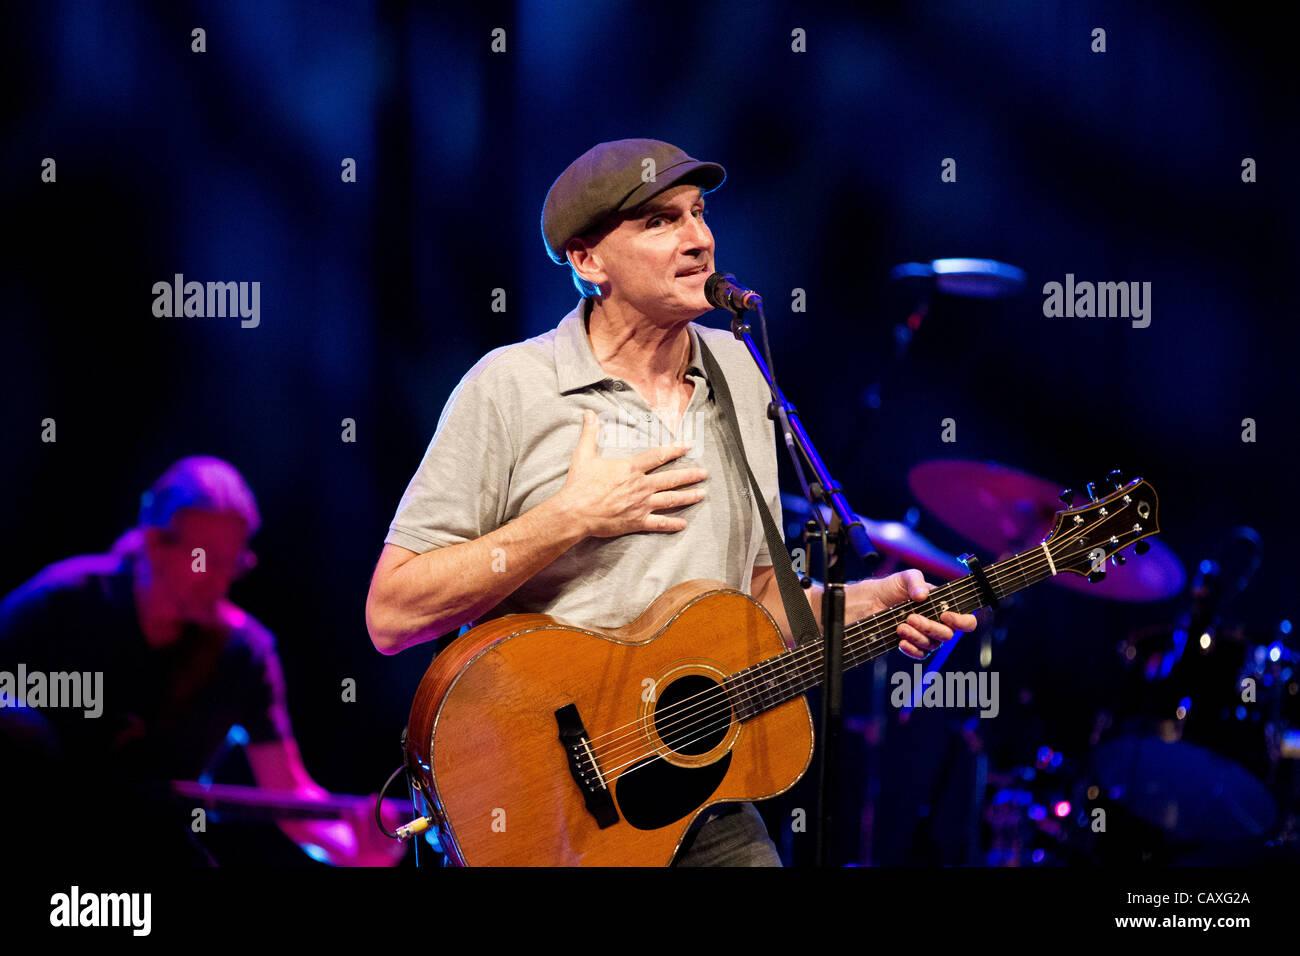 James Taylor representada en concierto en el auditorio bozar